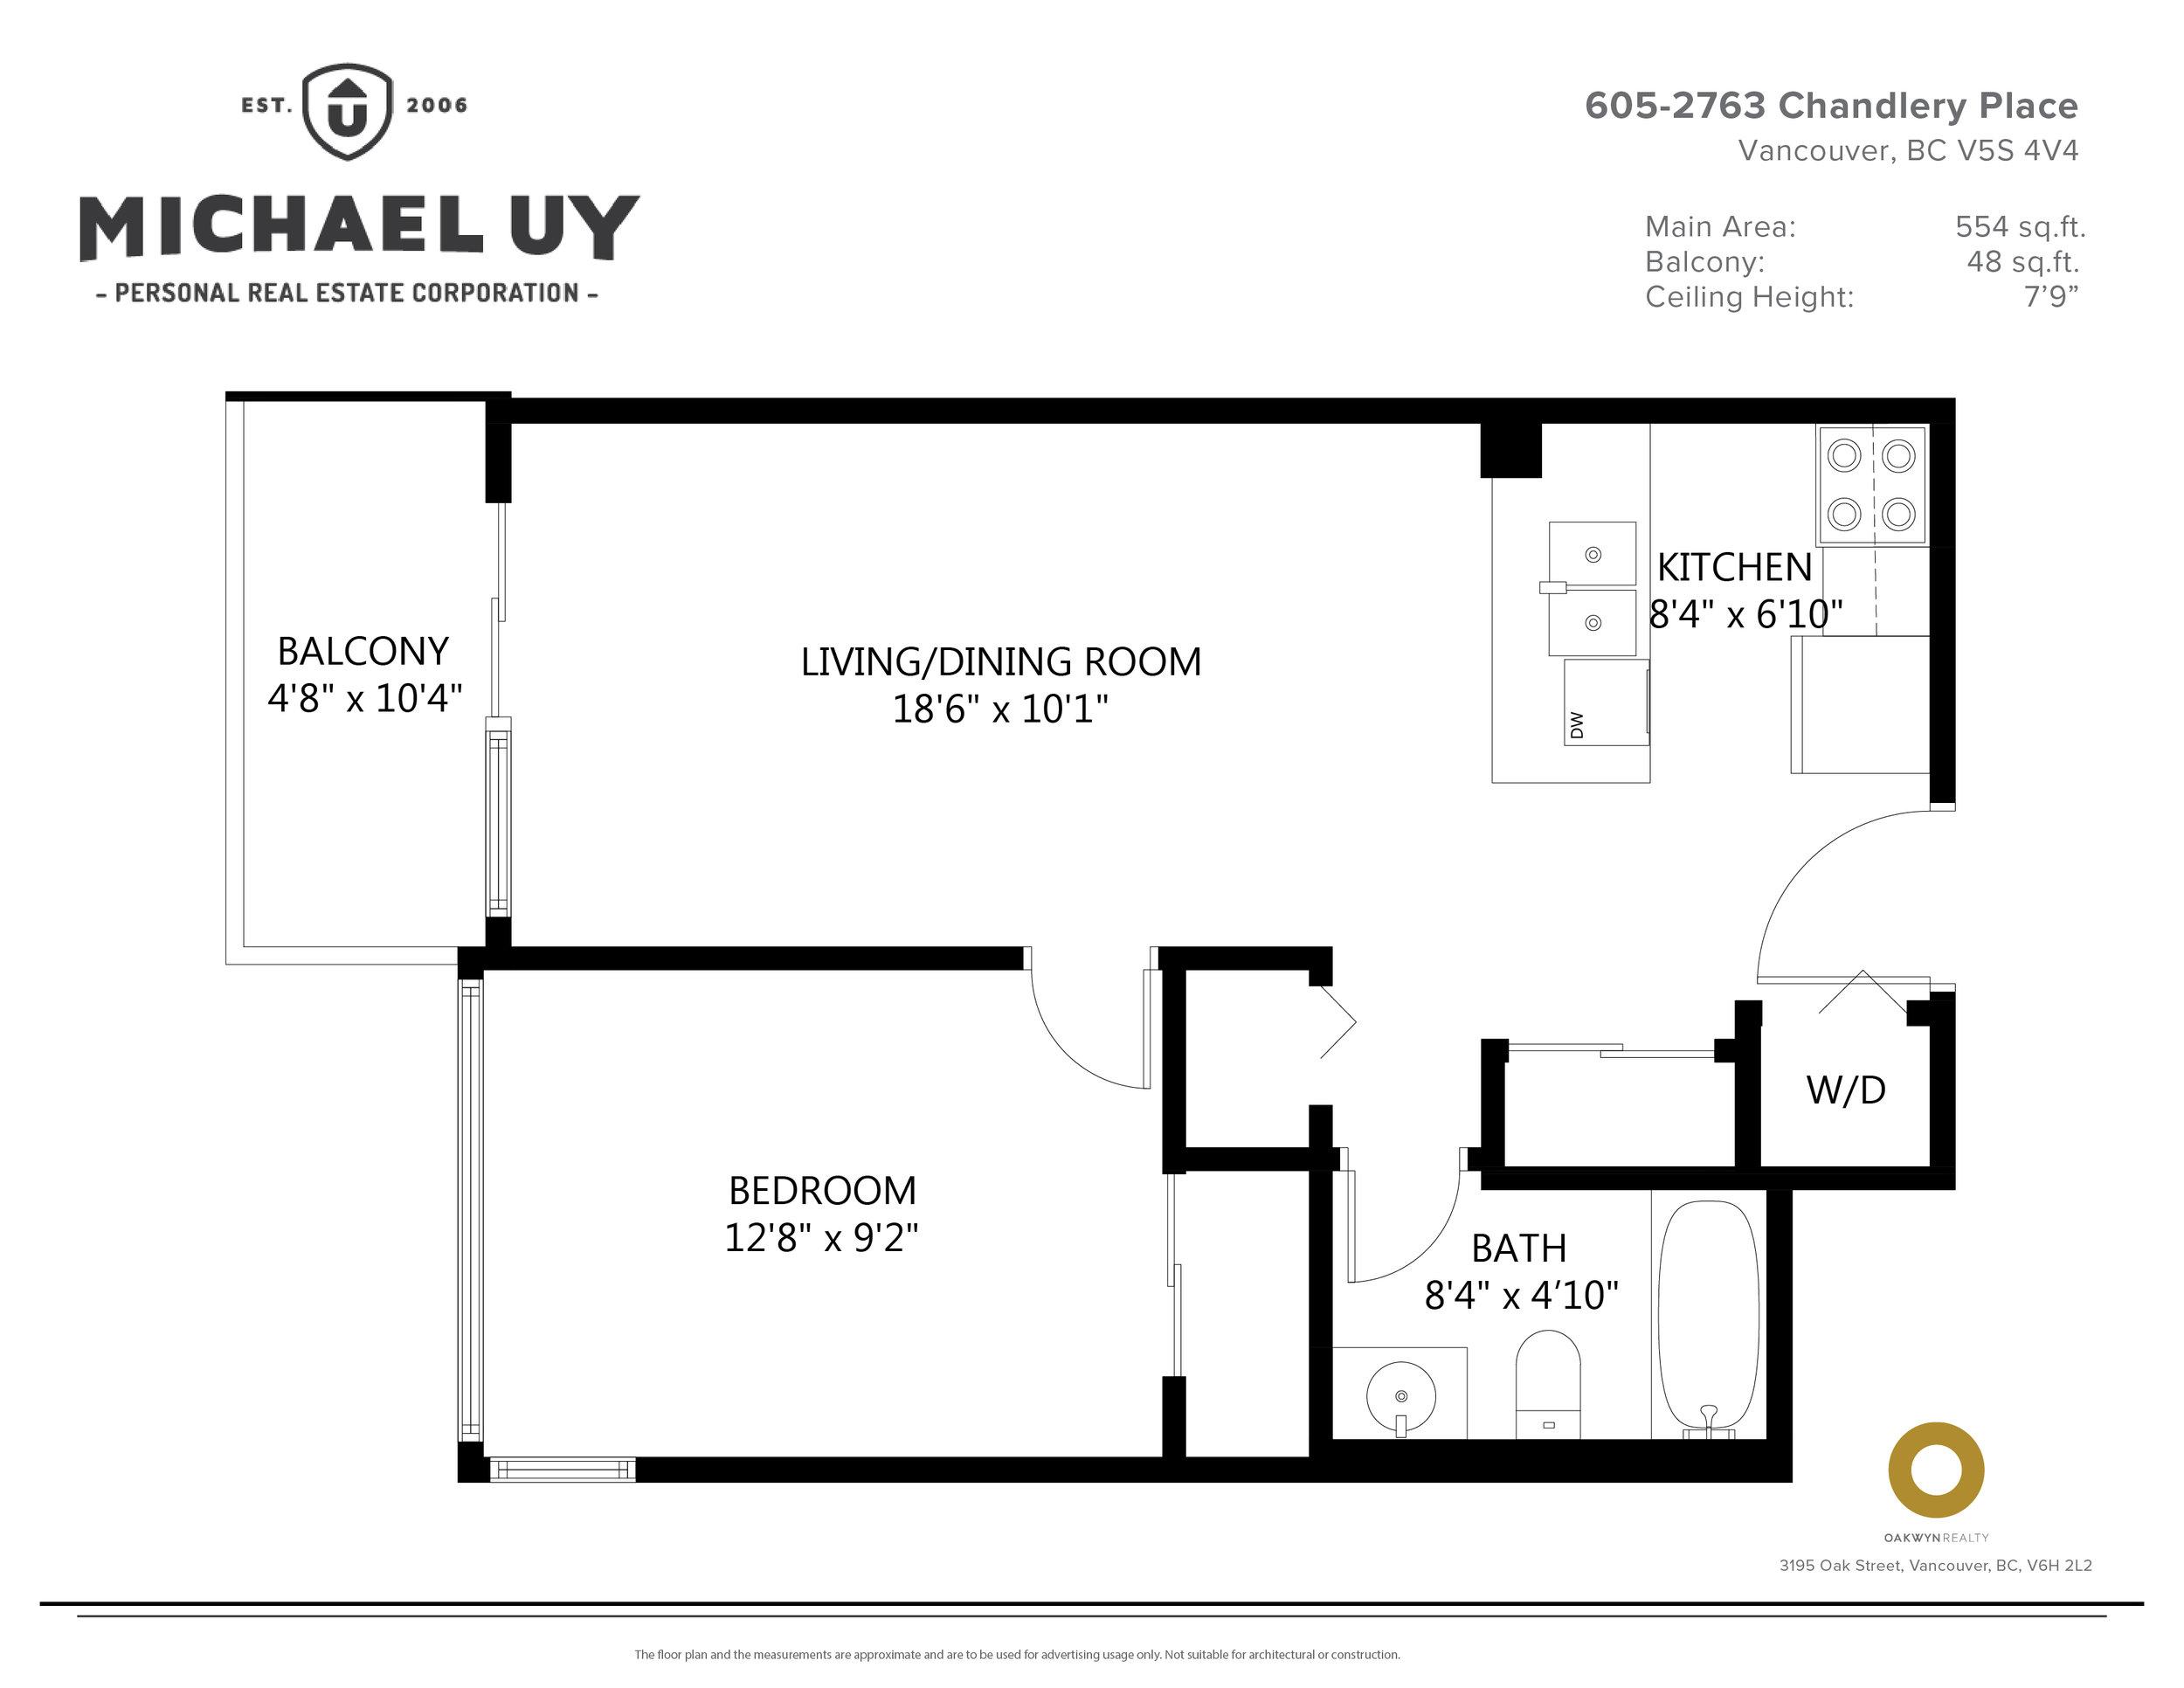 605-2763 Chandlery - Branded Floor Plan.jpg